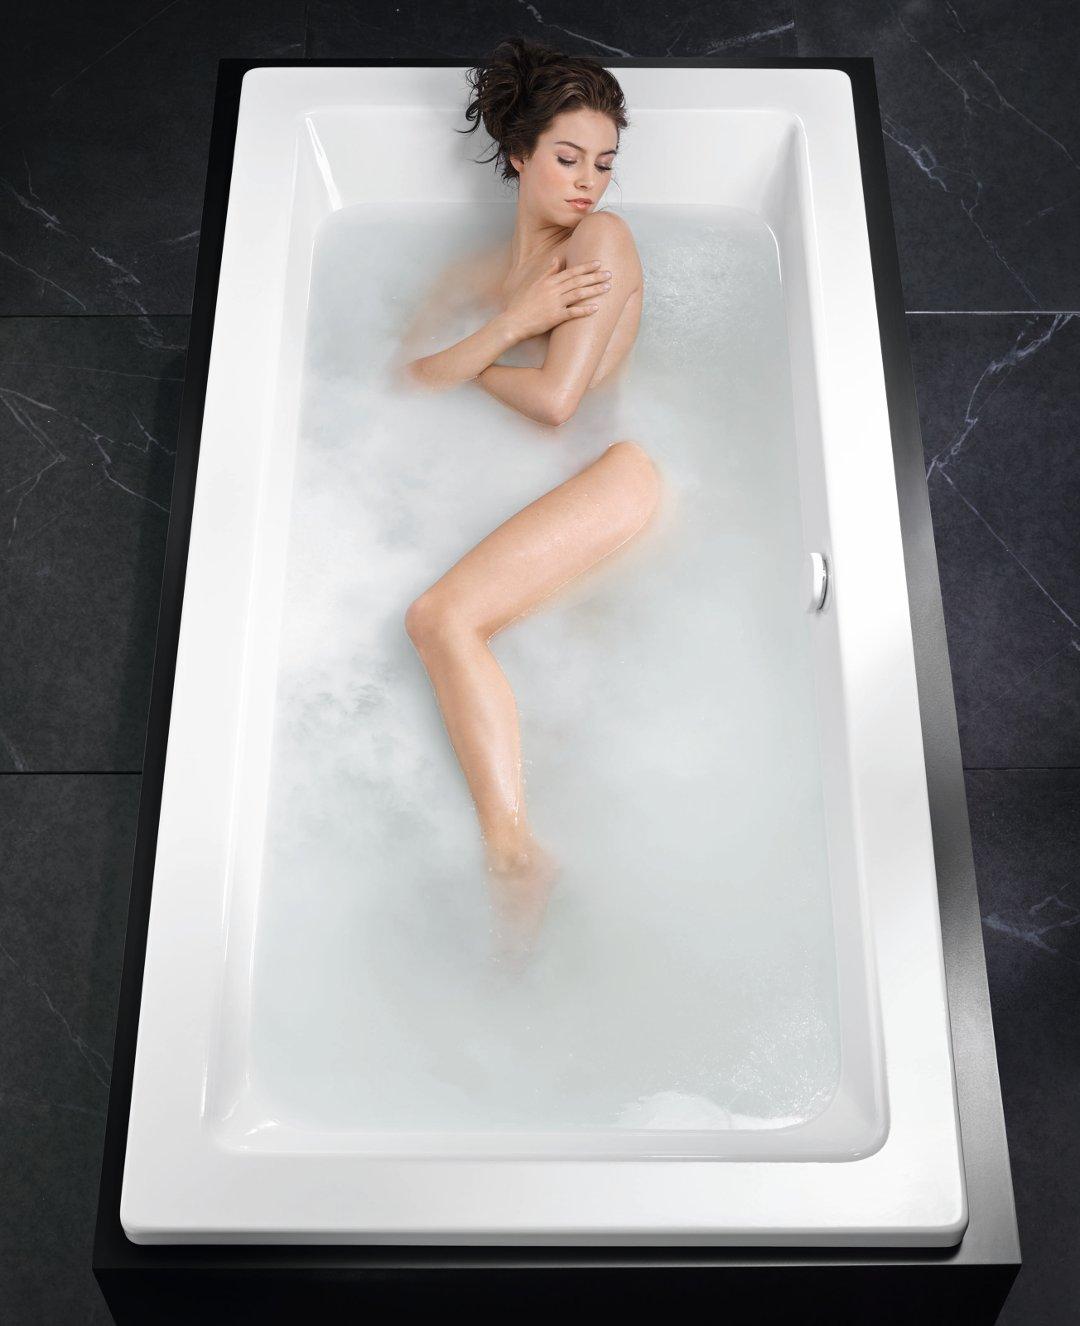 Иллюстрация использования ванны Conoduo с гидромассажной системой Skin Touch от Kaldewei